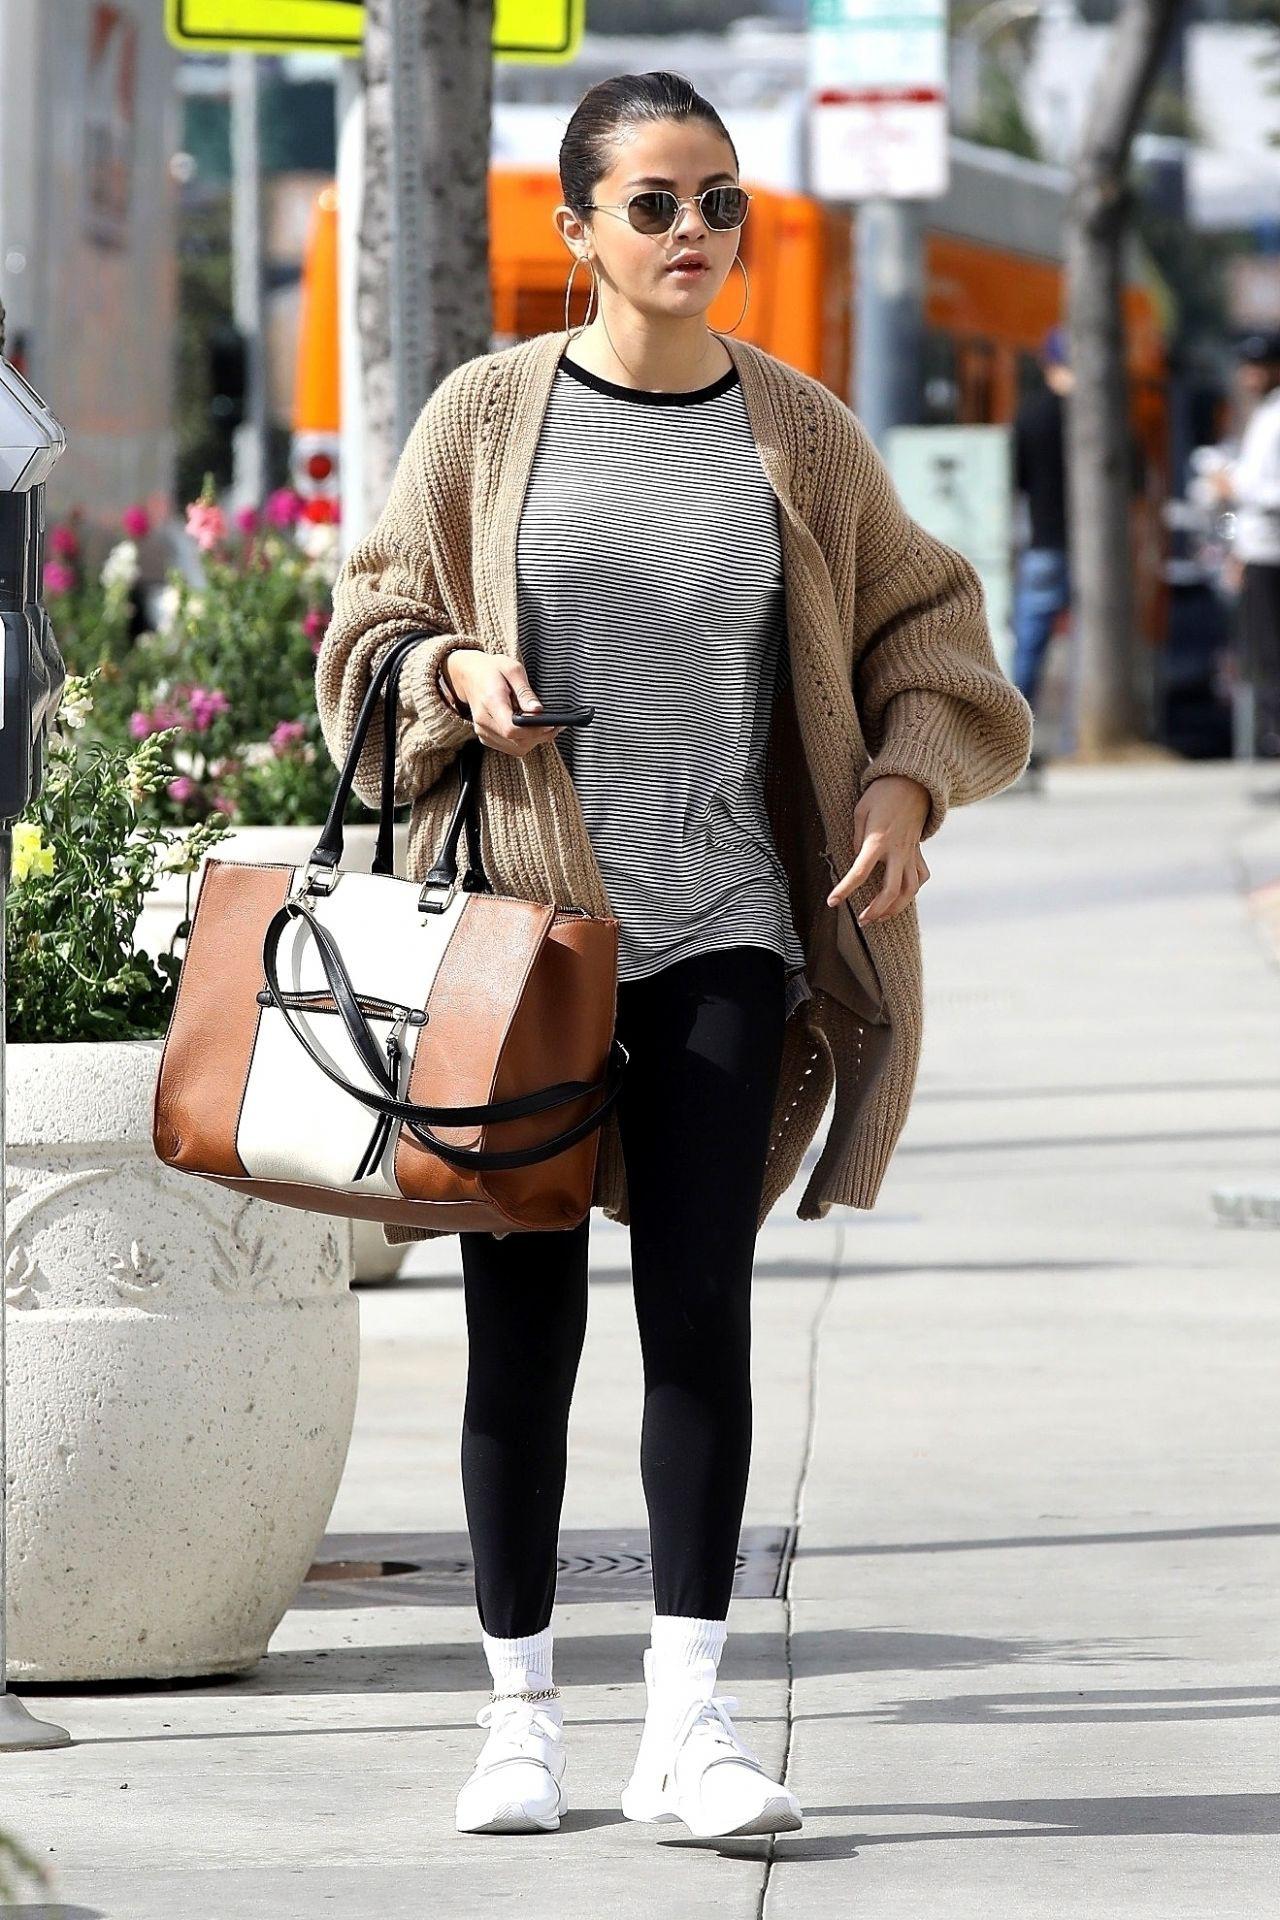 Hóa ra các sao cũng mặc lại đồ như chúng ta: Selena Gomez đi boot cọc cạch, diện cùng một chiếc cardigan với 2 style khác nhau trong 2 ngày liên tiếp - Ảnh 2.